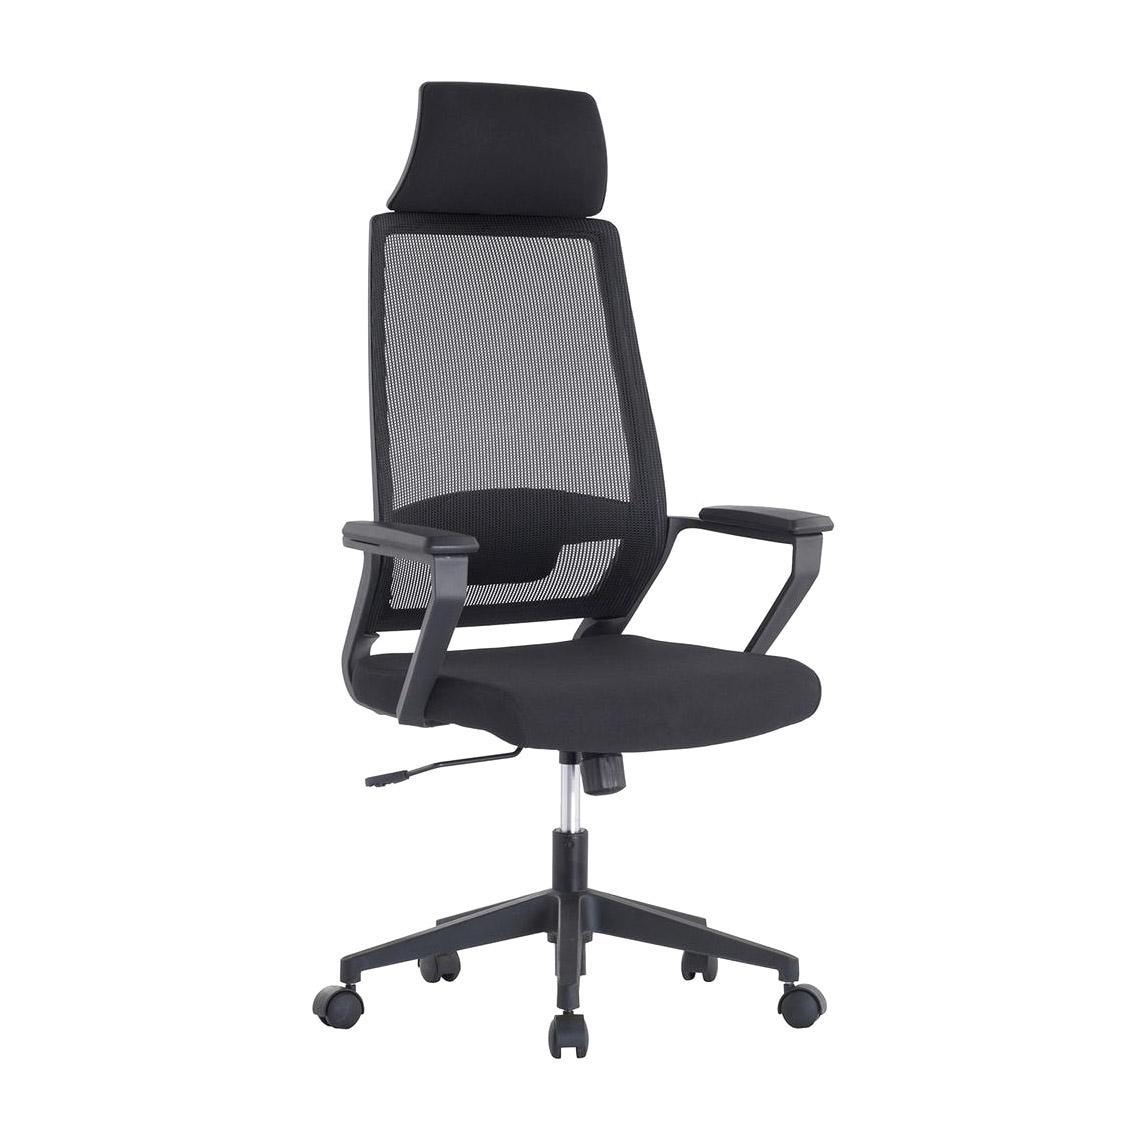 Кресло компьютерное TC черное 129,5х55х51 см кресло компьютерное tc черное 95 5х59х57 см